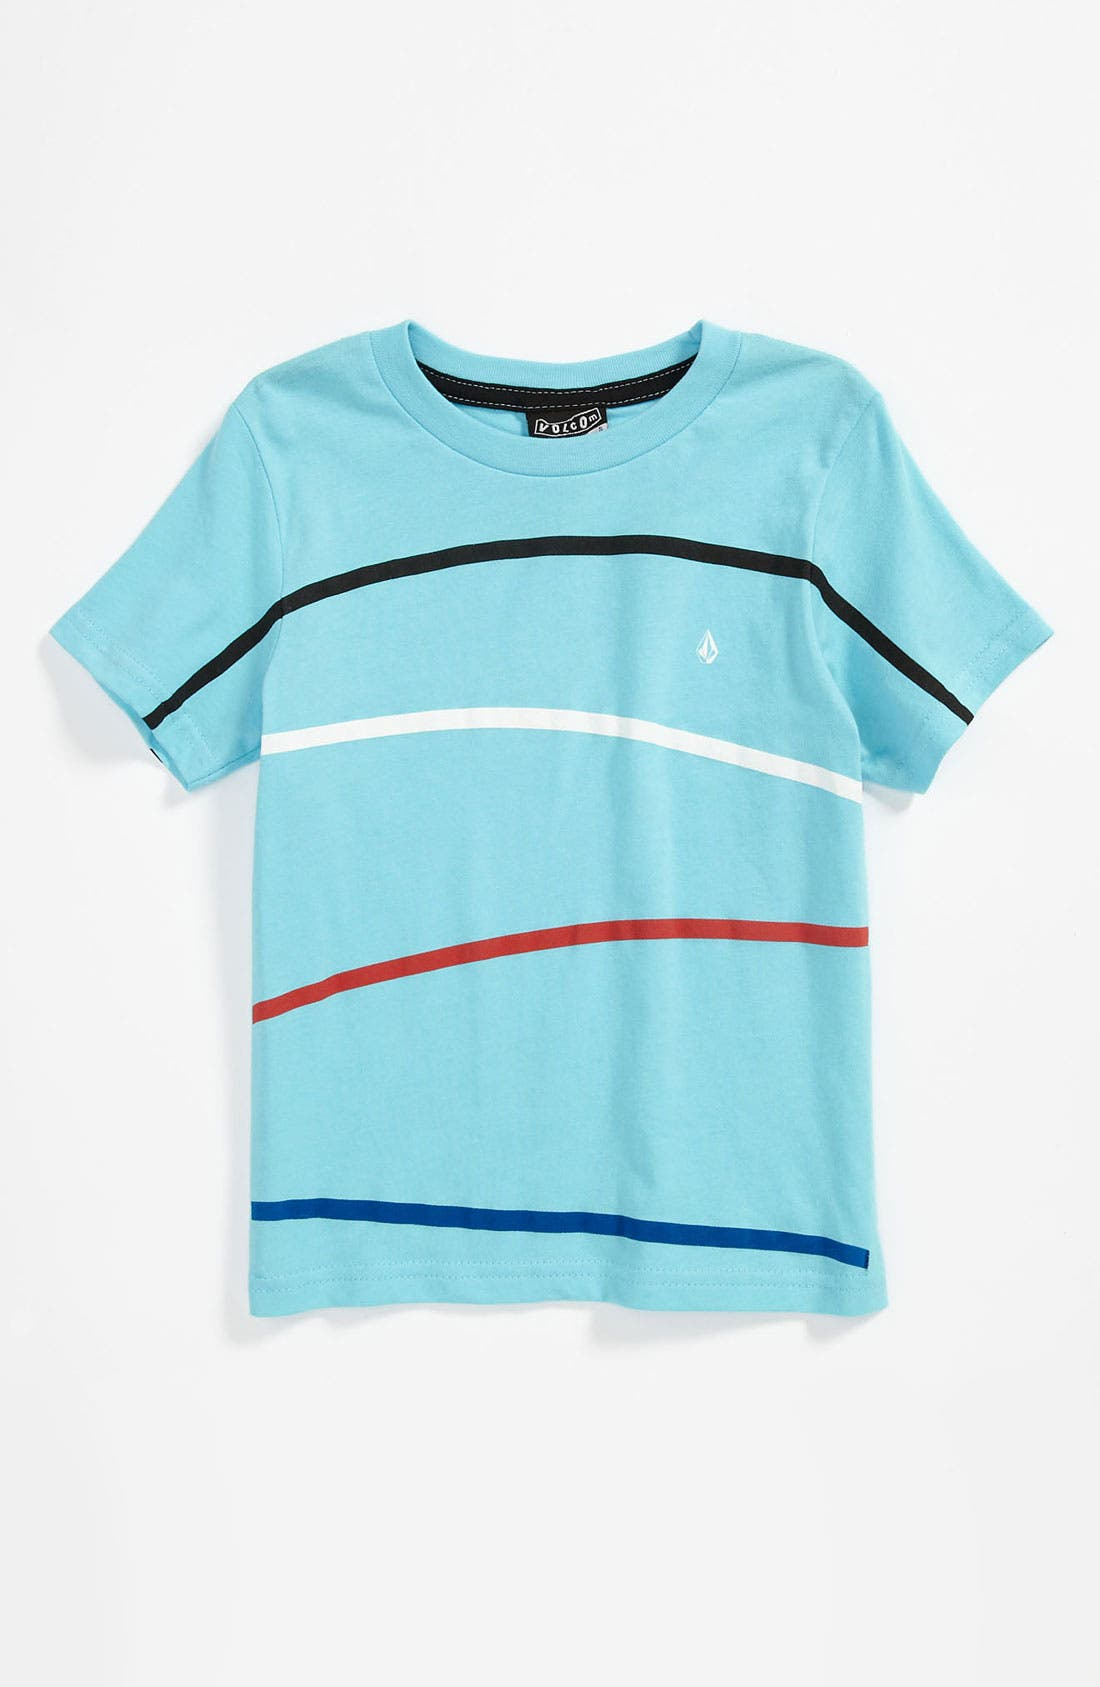 Alternate Image 1 Selected - Volcom 'Think' Stripe T-Shirt (Little Boys)